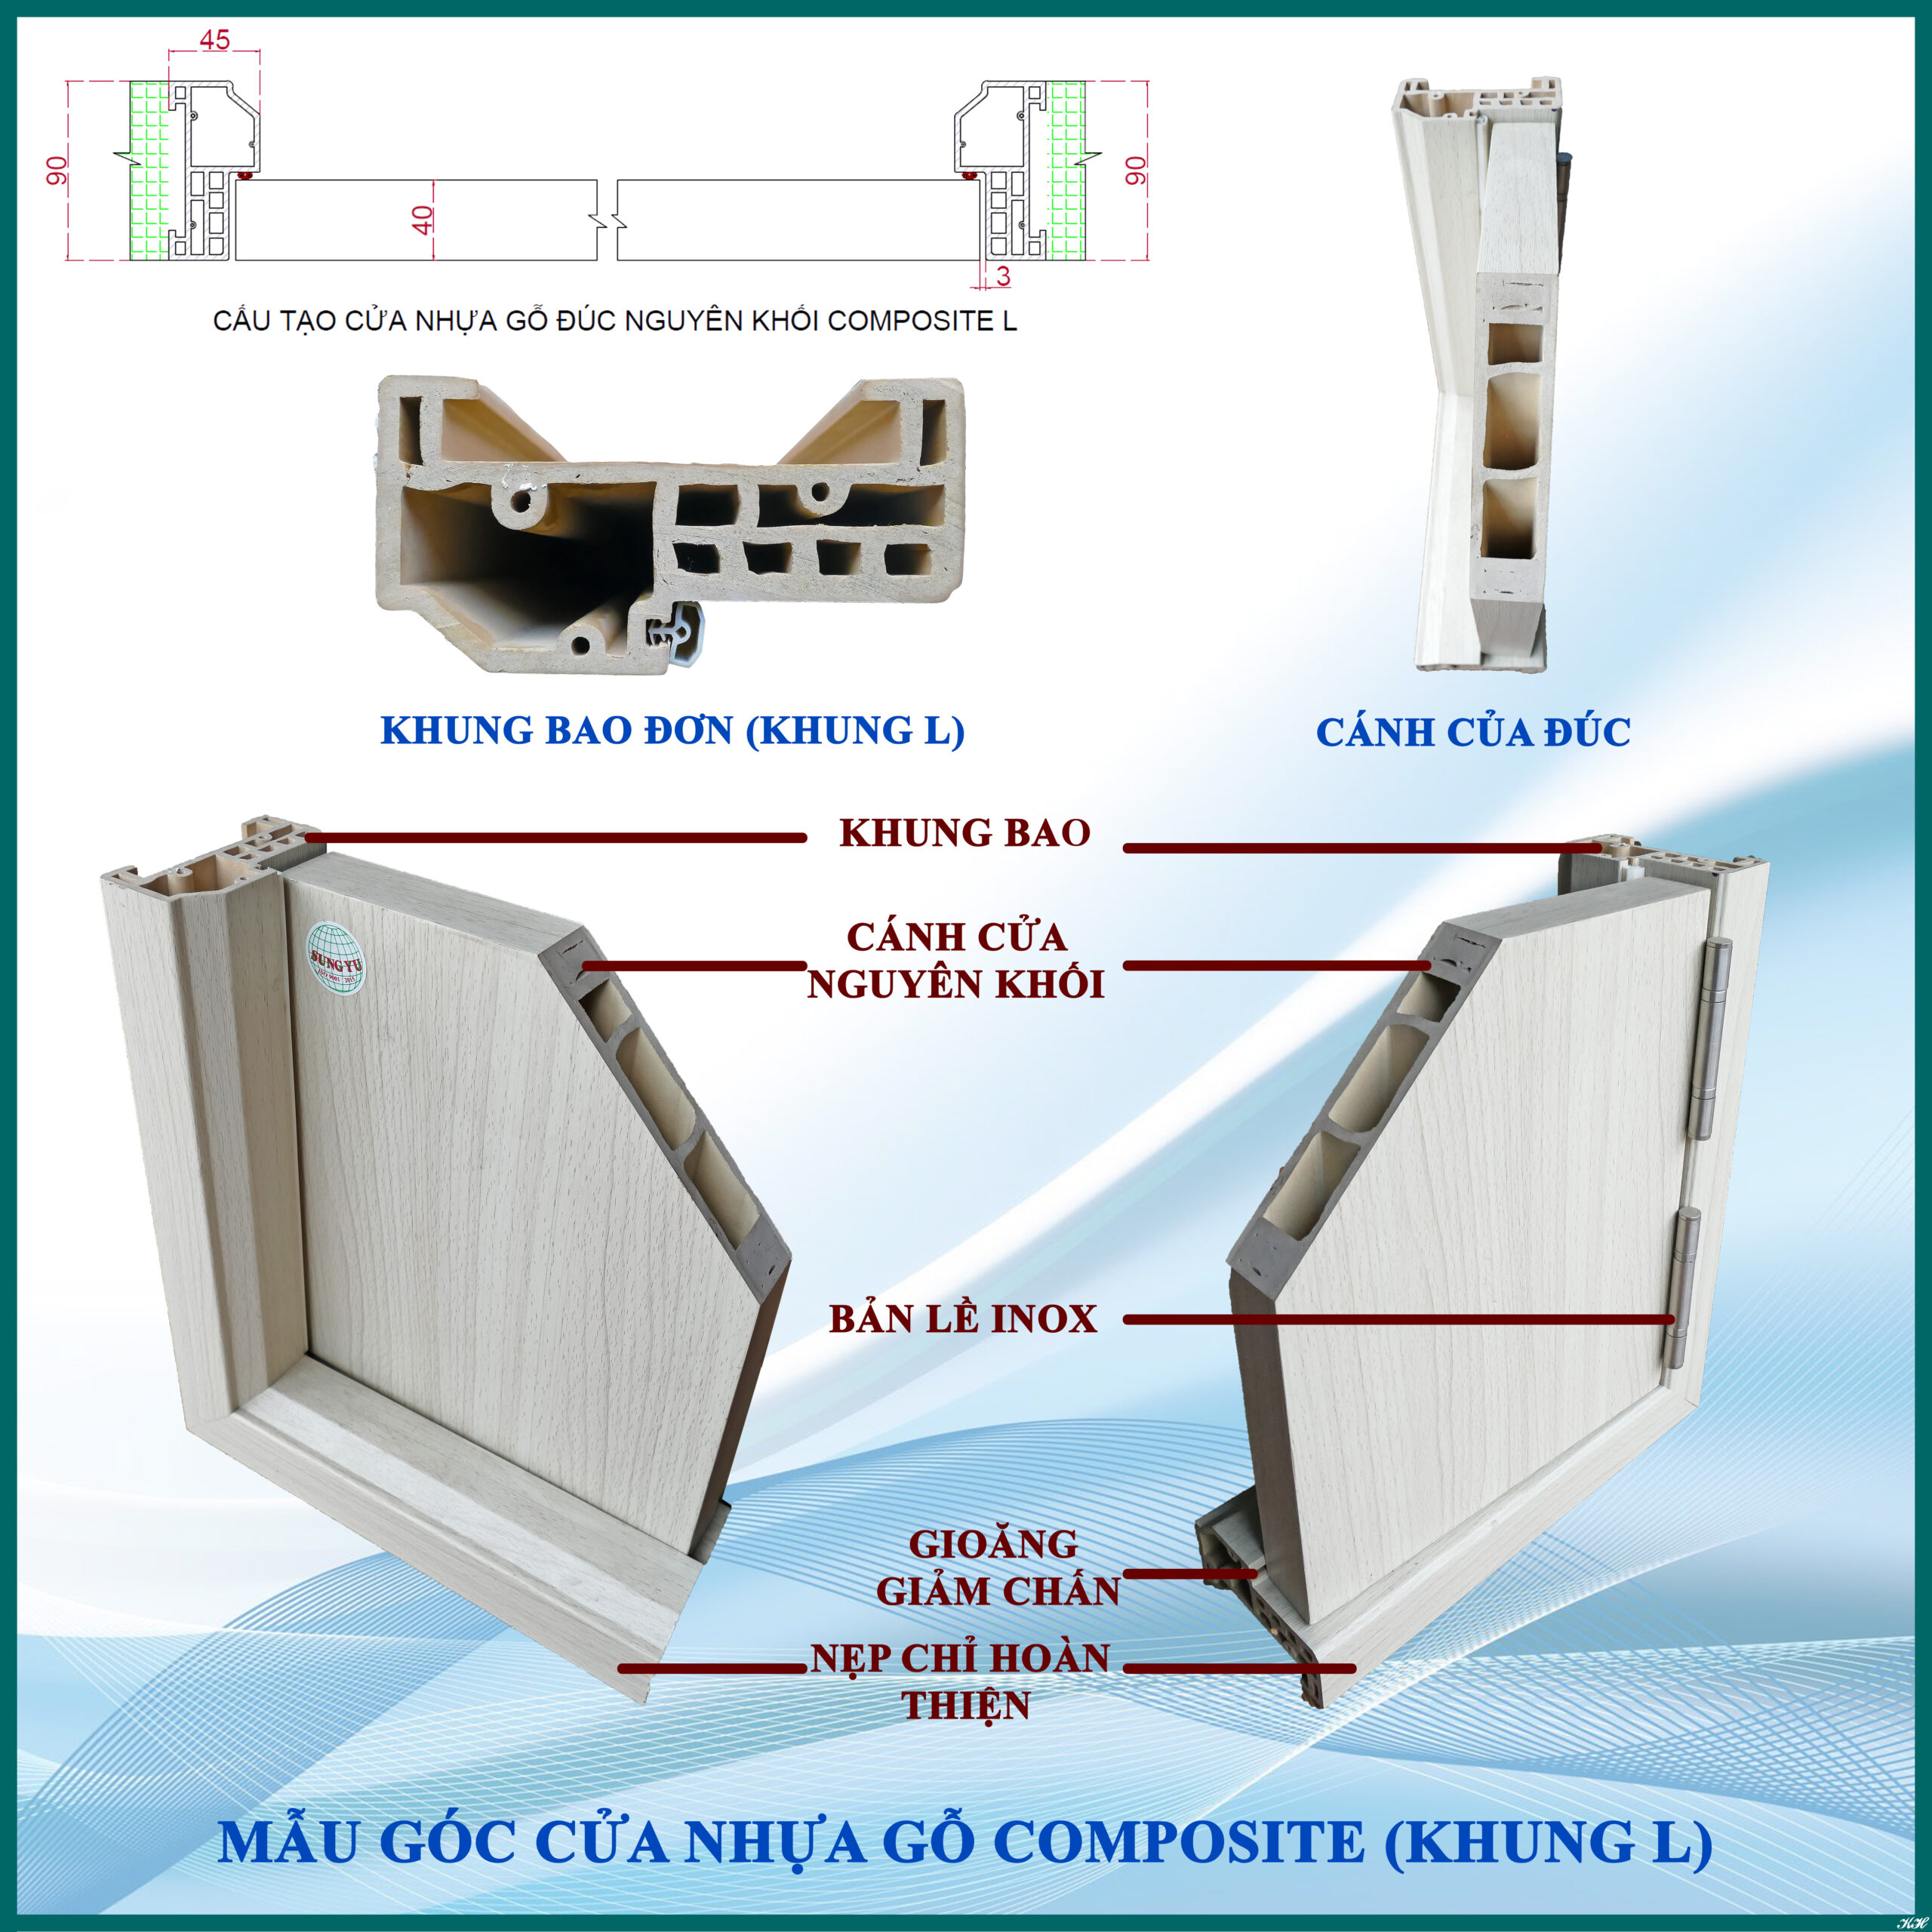 Cấu tạo cửa nhựa chậm cháy cửa nhựa Composite khung bao đơn